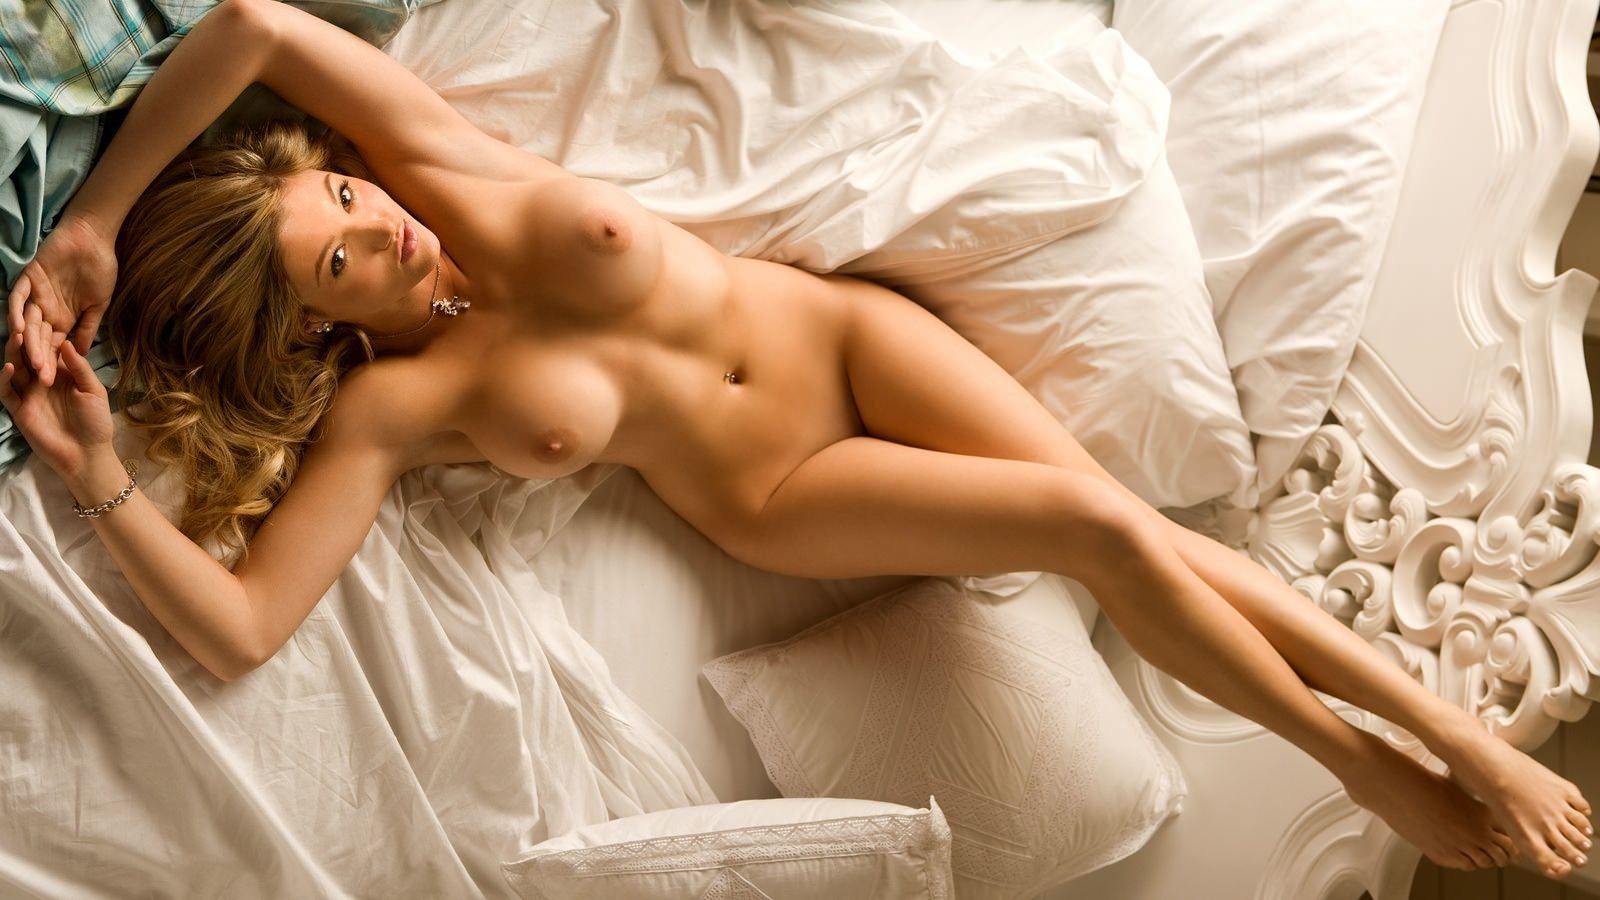 Секс в постели с красивыми девушками 28 фотография